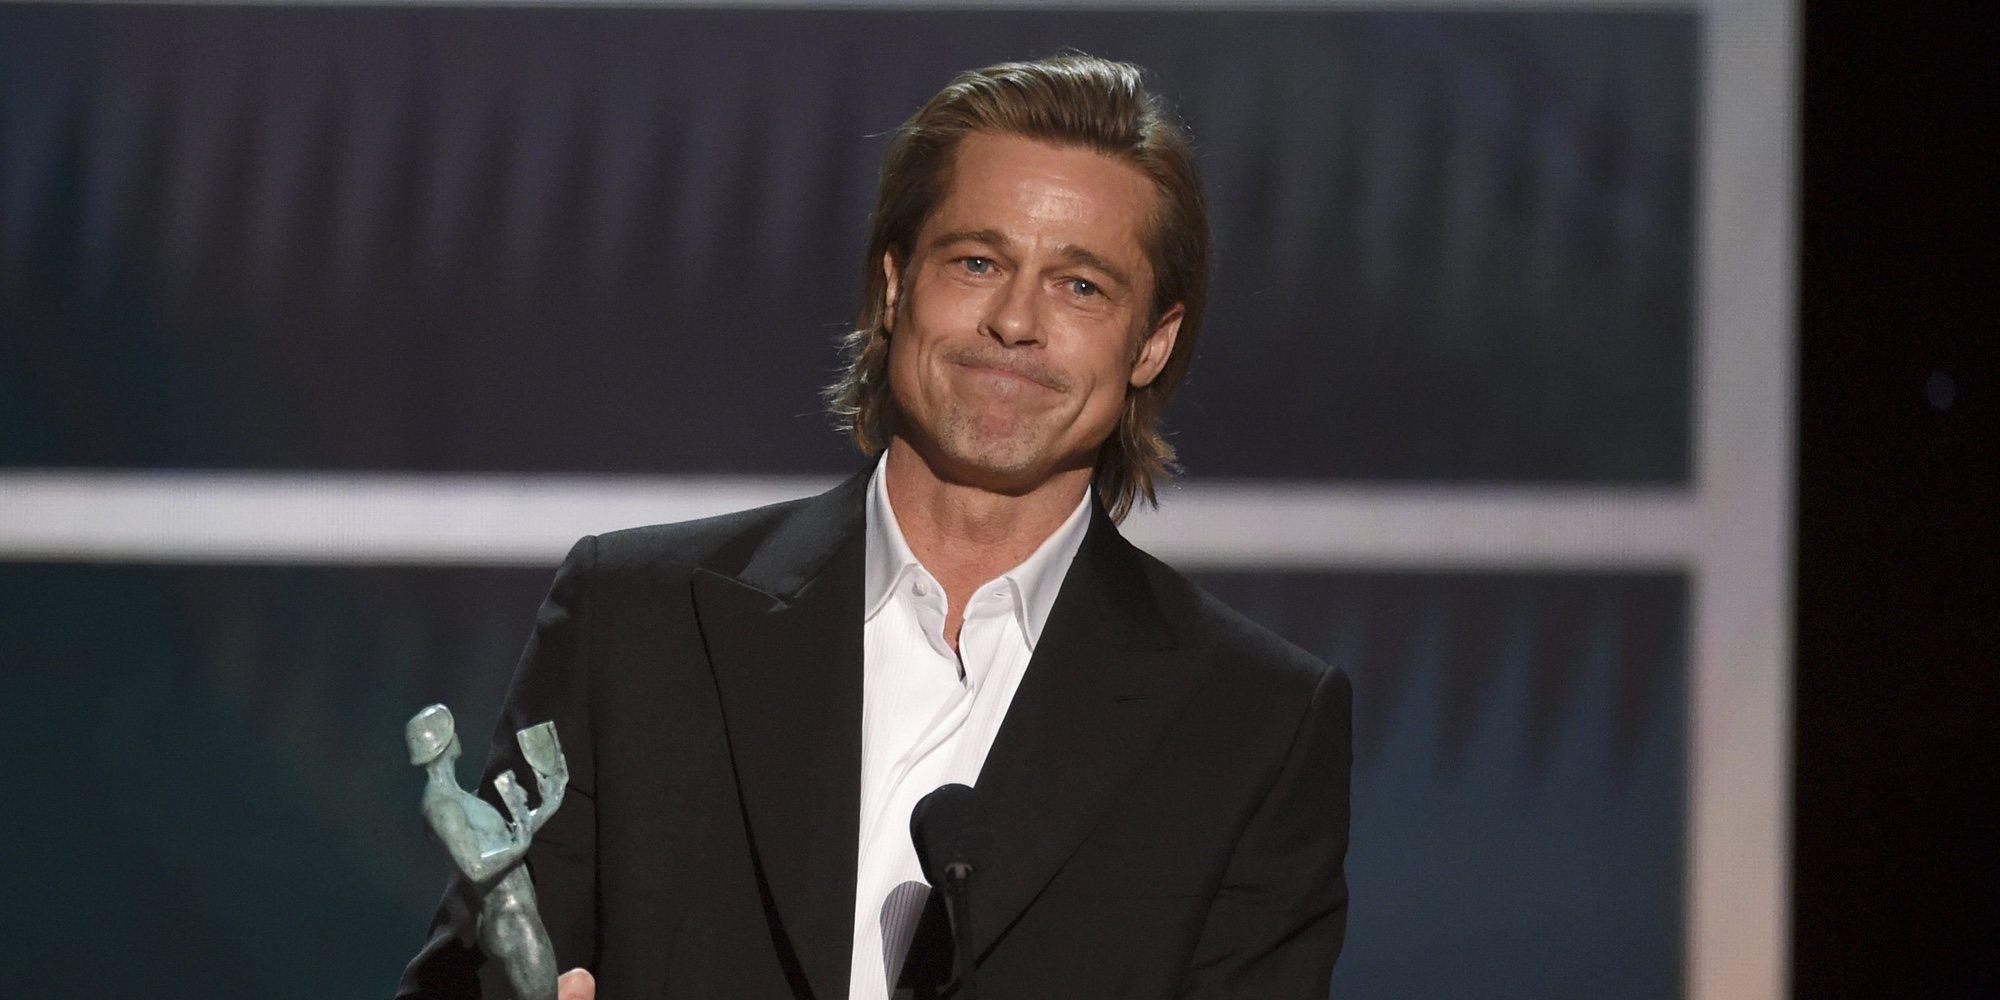 Brad Pitt bromea sobre el Megxit en los BAFTA 2020 delante del Príncipe Guillermo y Kate Middleton